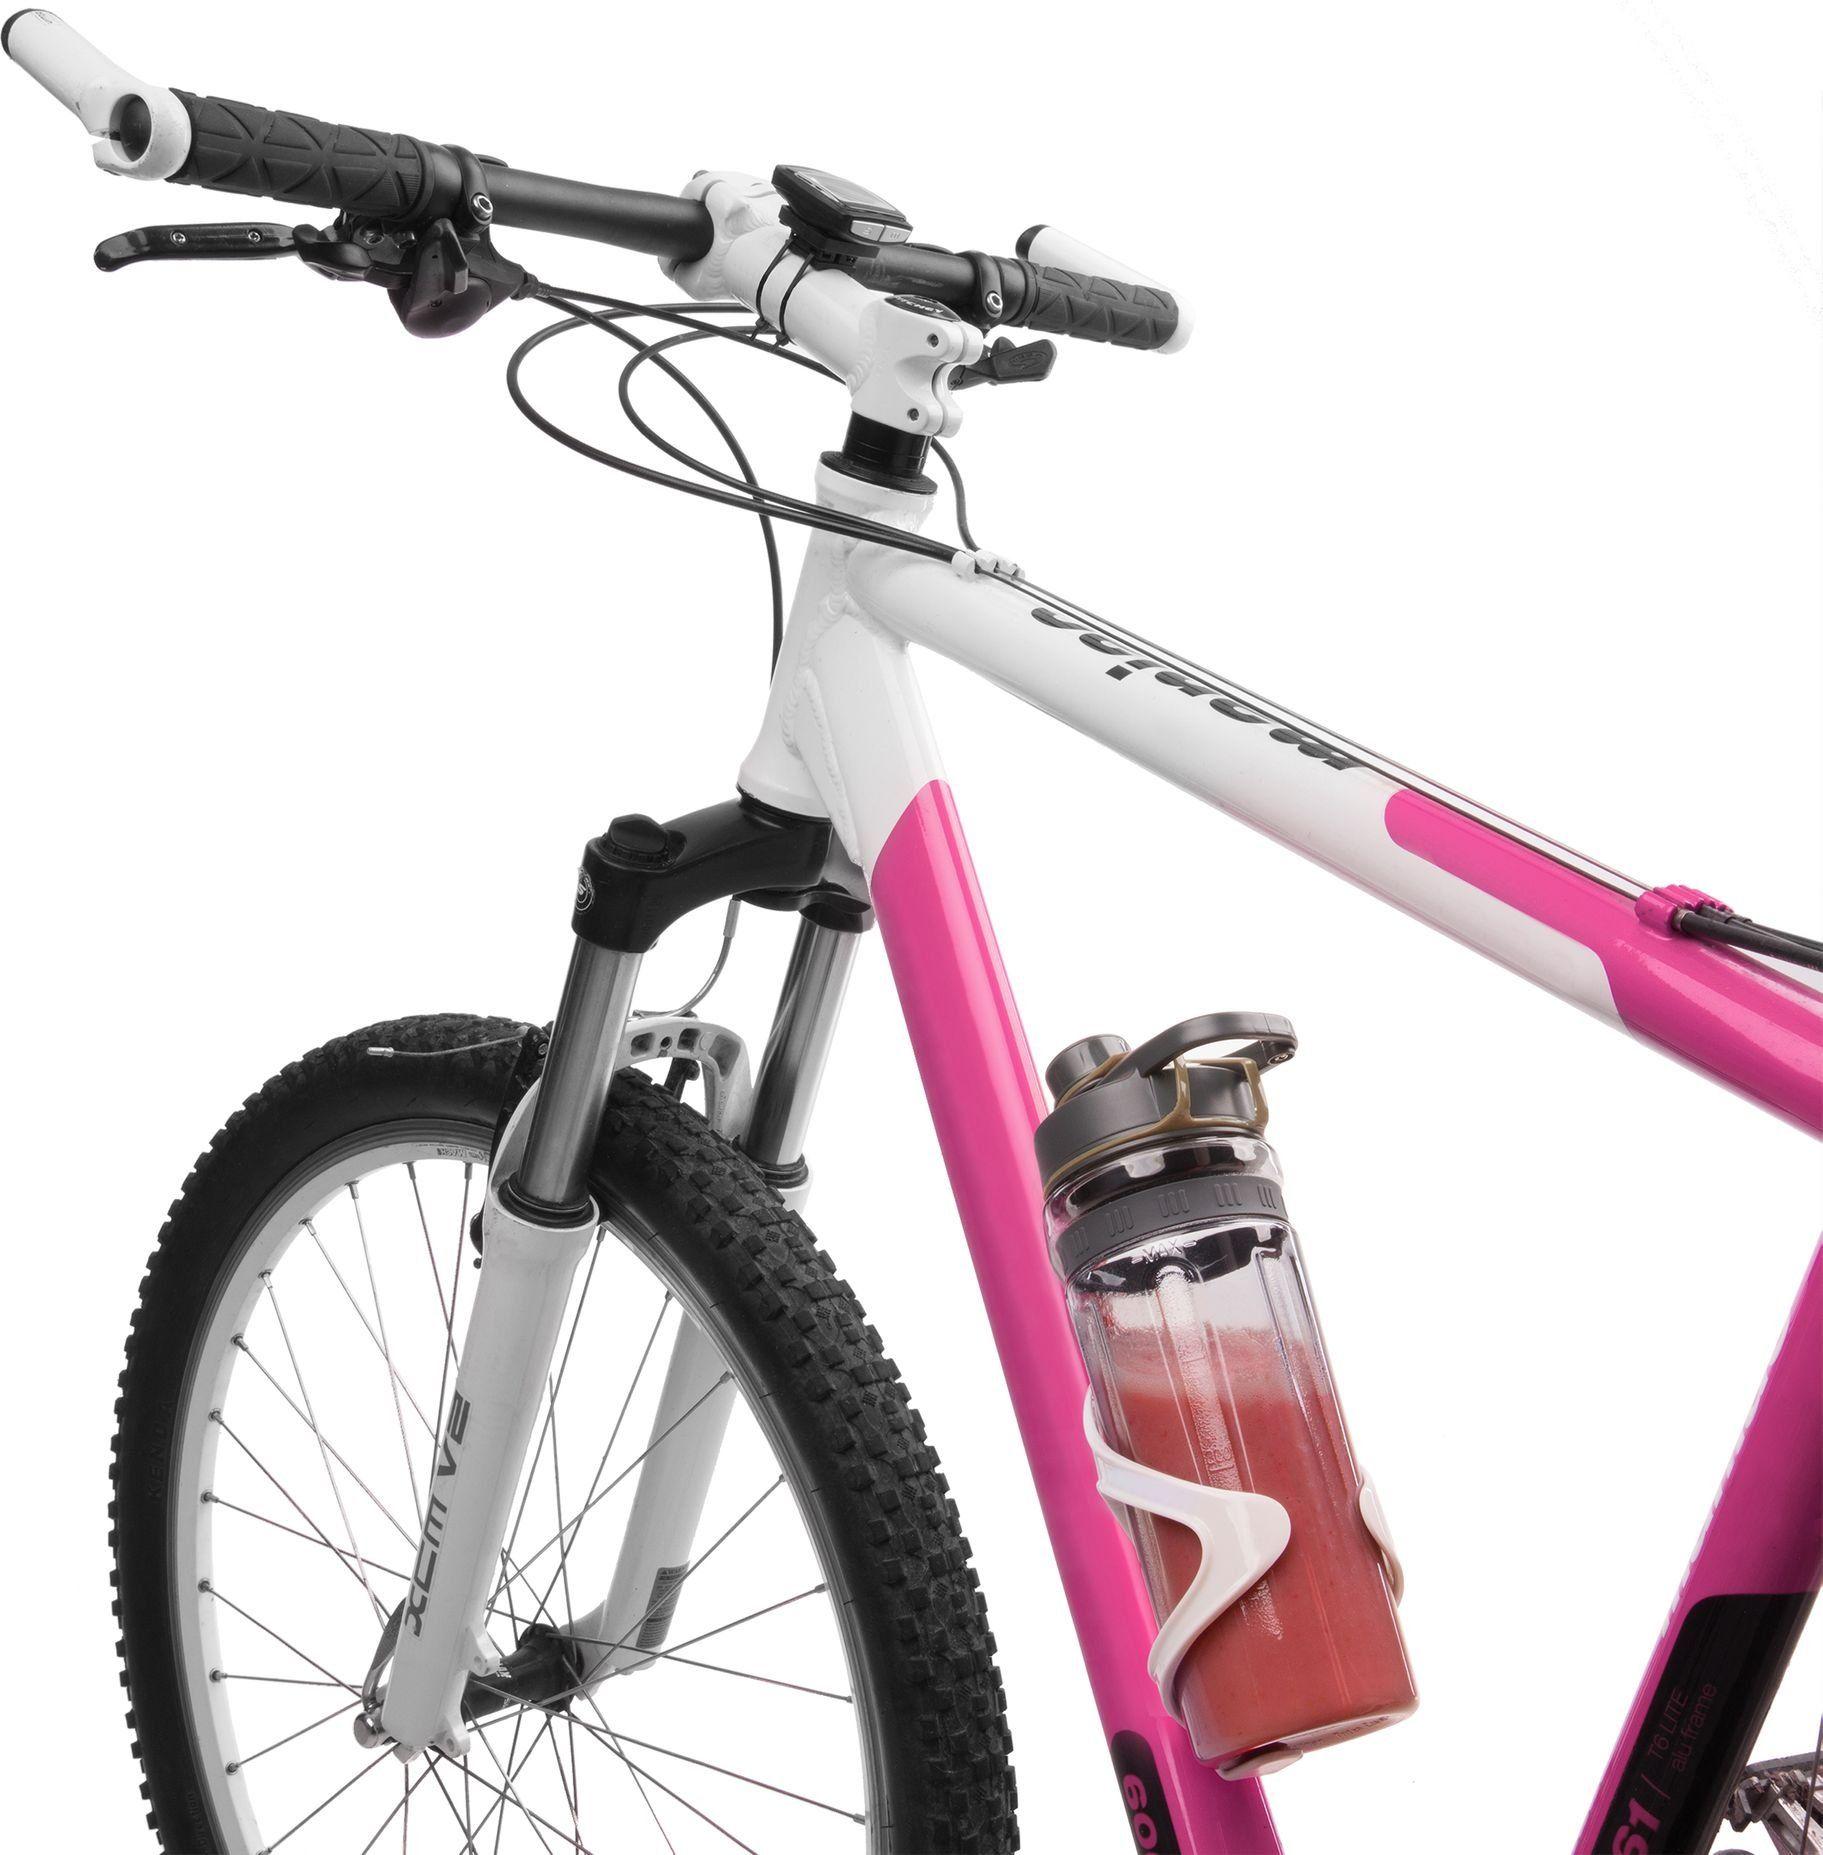 Sencor SBL 7177CH uchwyt na rowerze